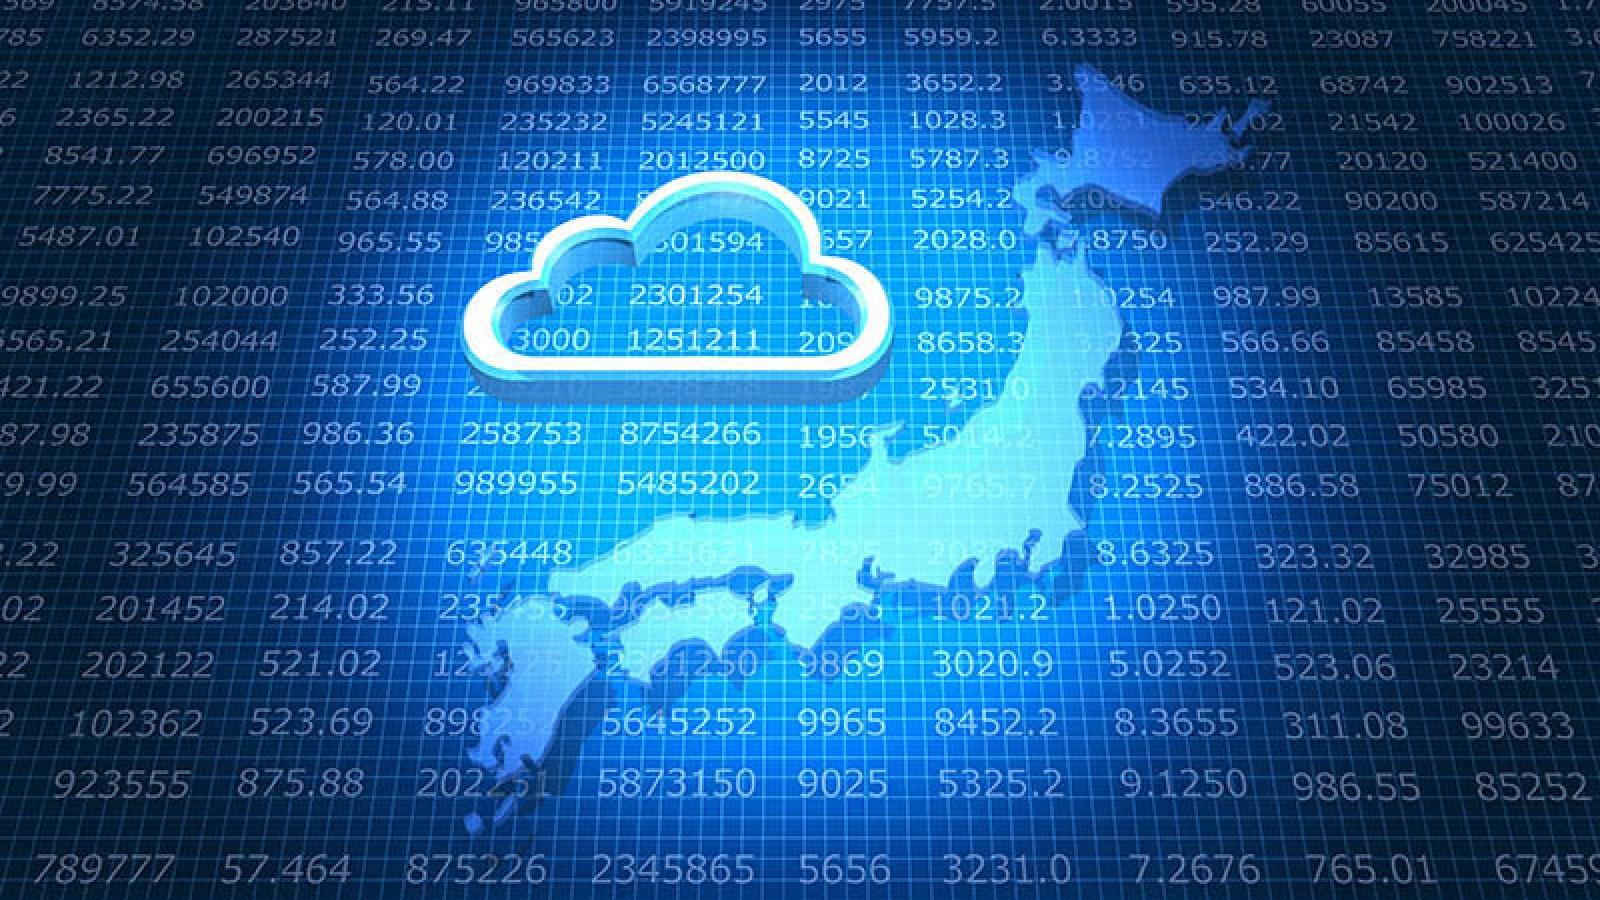 Fujitsu bị hack, nhiều dữ liệu cơ quan chính phủ Nhật Bản bị lộ